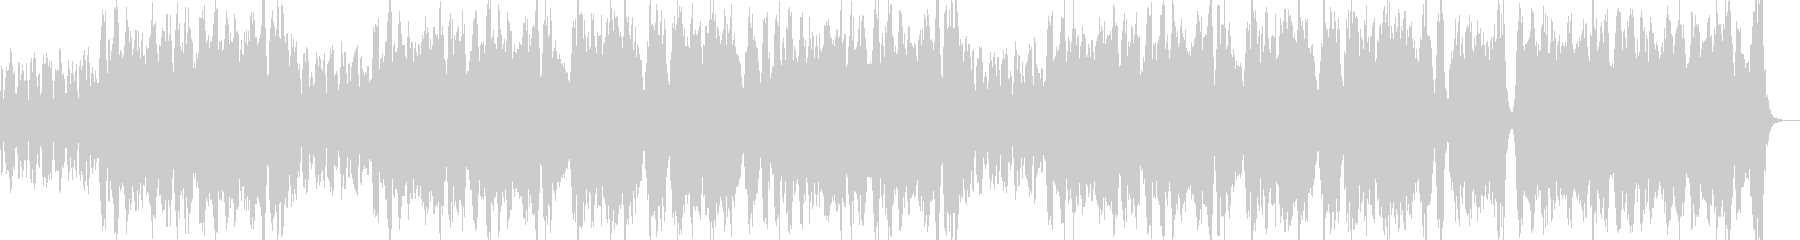 ロシア風オーケストラワルツの未再生の波形